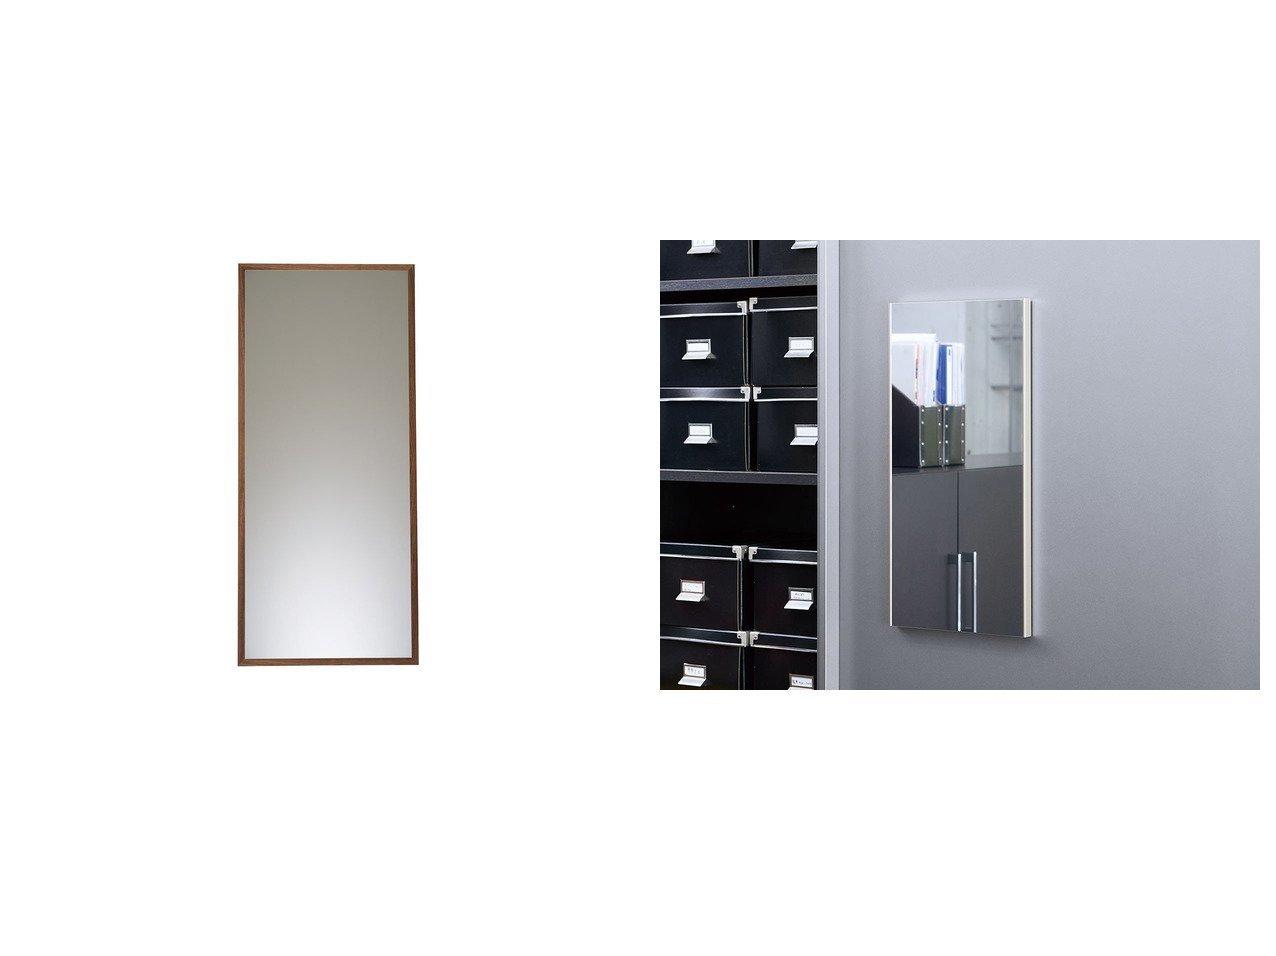 【FLYMEe BASIC/フライミー ベーシック】のミラー m71332&リフェクスミラー 超軽量フィルムマグネットミラー 【FURNITURE】おすすめ!人気、インテリア雑貨・家具の通販 おすすめで人気の流行・トレンド、ファッションの通販商品 インテリア・家具・メンズファッション・キッズファッション・レディースファッション・服の通販 founy(ファニー) https://founy.com/ 送料無料 Free Shipping シンプル スタンド グラス 軽量 スポーツ ハーフ マグネット ホーム・キャンプ・アウトドア Home,Garden,Outdoor,Camping Gear 家具・インテリア Furniture ミラー・ドレッサー Mirror ミラー・鏡 ホーム・キャンプ・アウトドア Home,Garden,Outdoor,Camping Gear 家具・インテリア Furniture ミラー・ドレッサー Mirror ドレッサー  ID:crp329100000055479